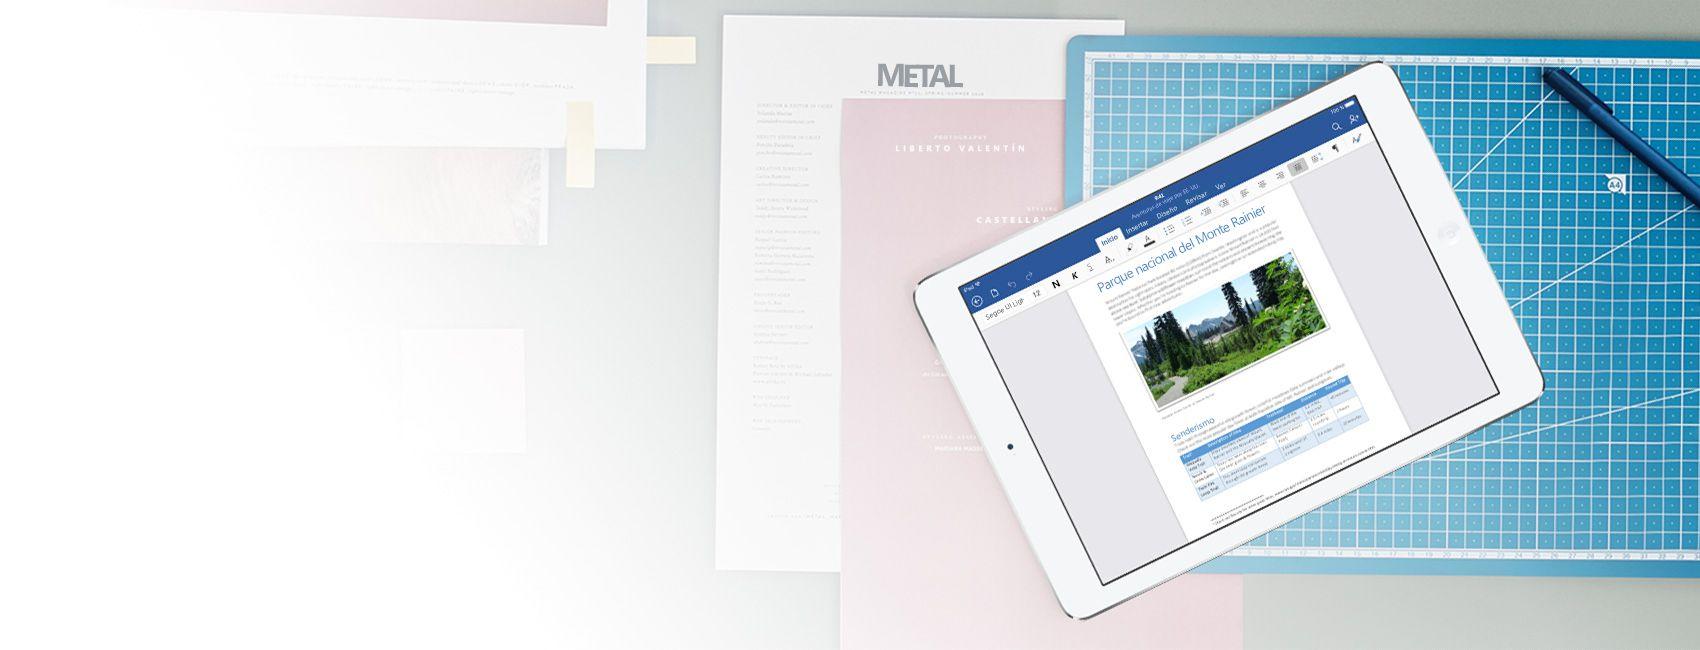 Un iPad en el que se muestra un documento sobre el Parque nacional del Monte Rainier en la aplicación de Word para iOS